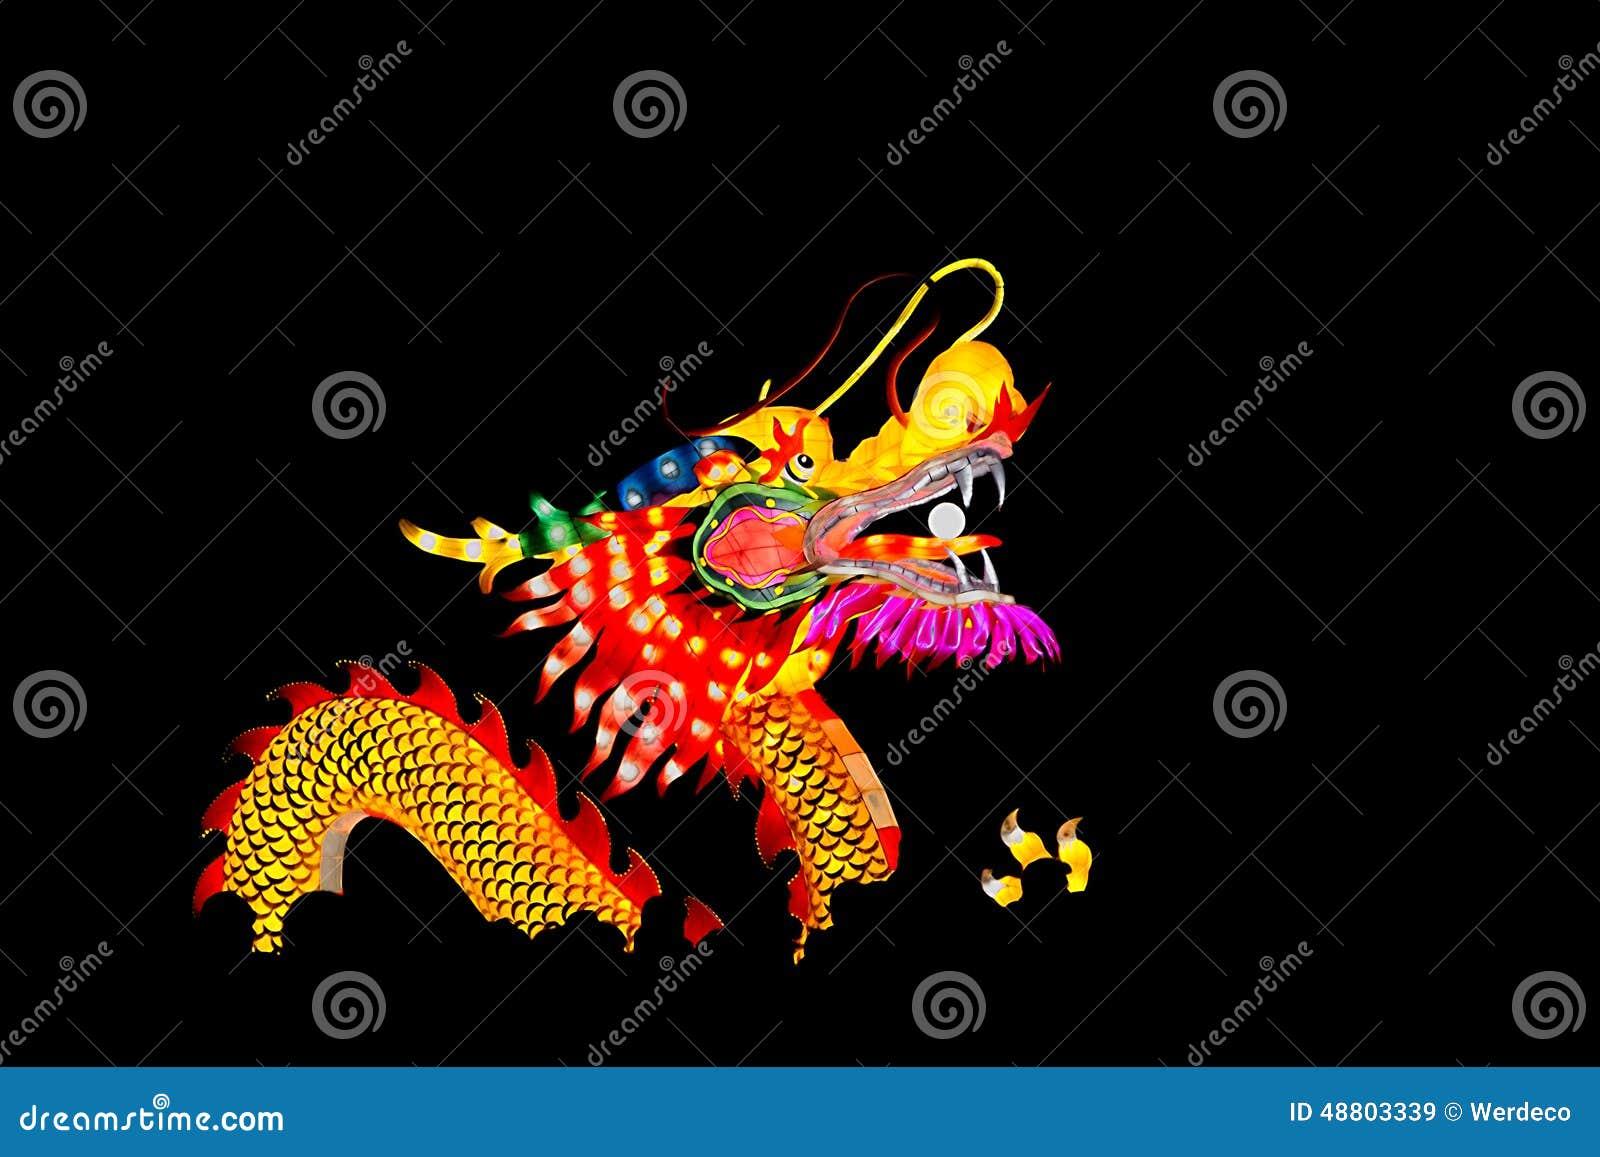 Κινεζικός δράκος στο πλήθος